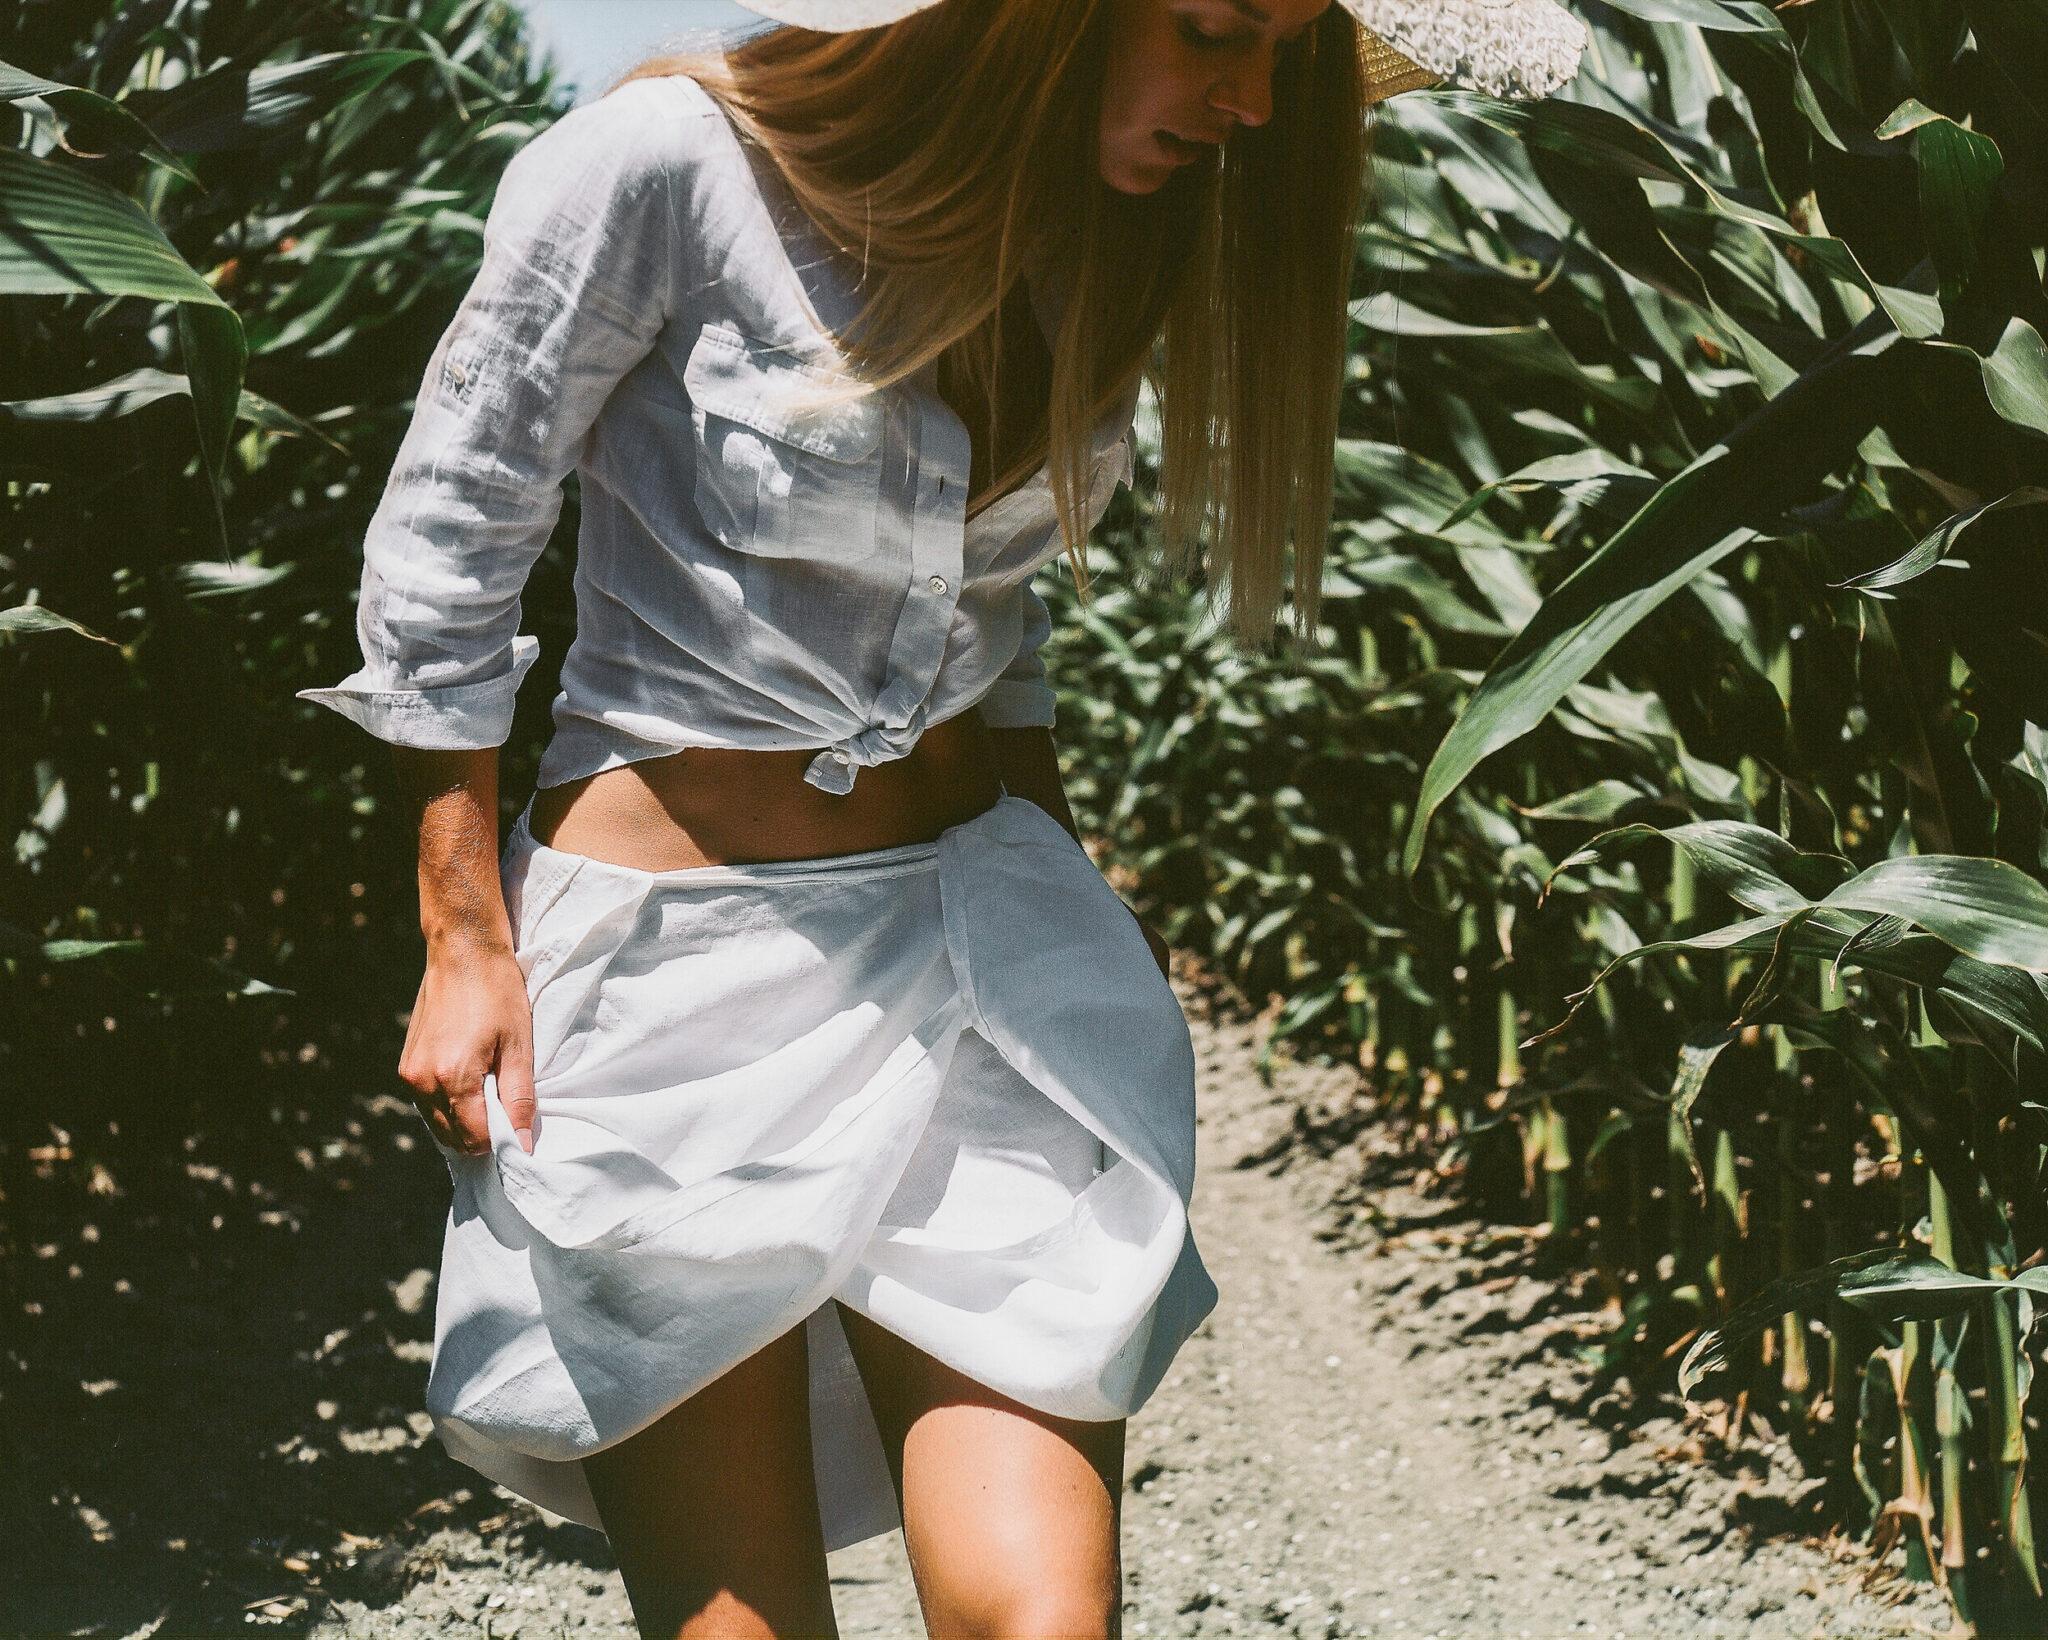 Modella con camicia bianca annodata e gonna raccolta in mezzo a un campo di pannocchie, fotografia analogica con Mamiya RZ67